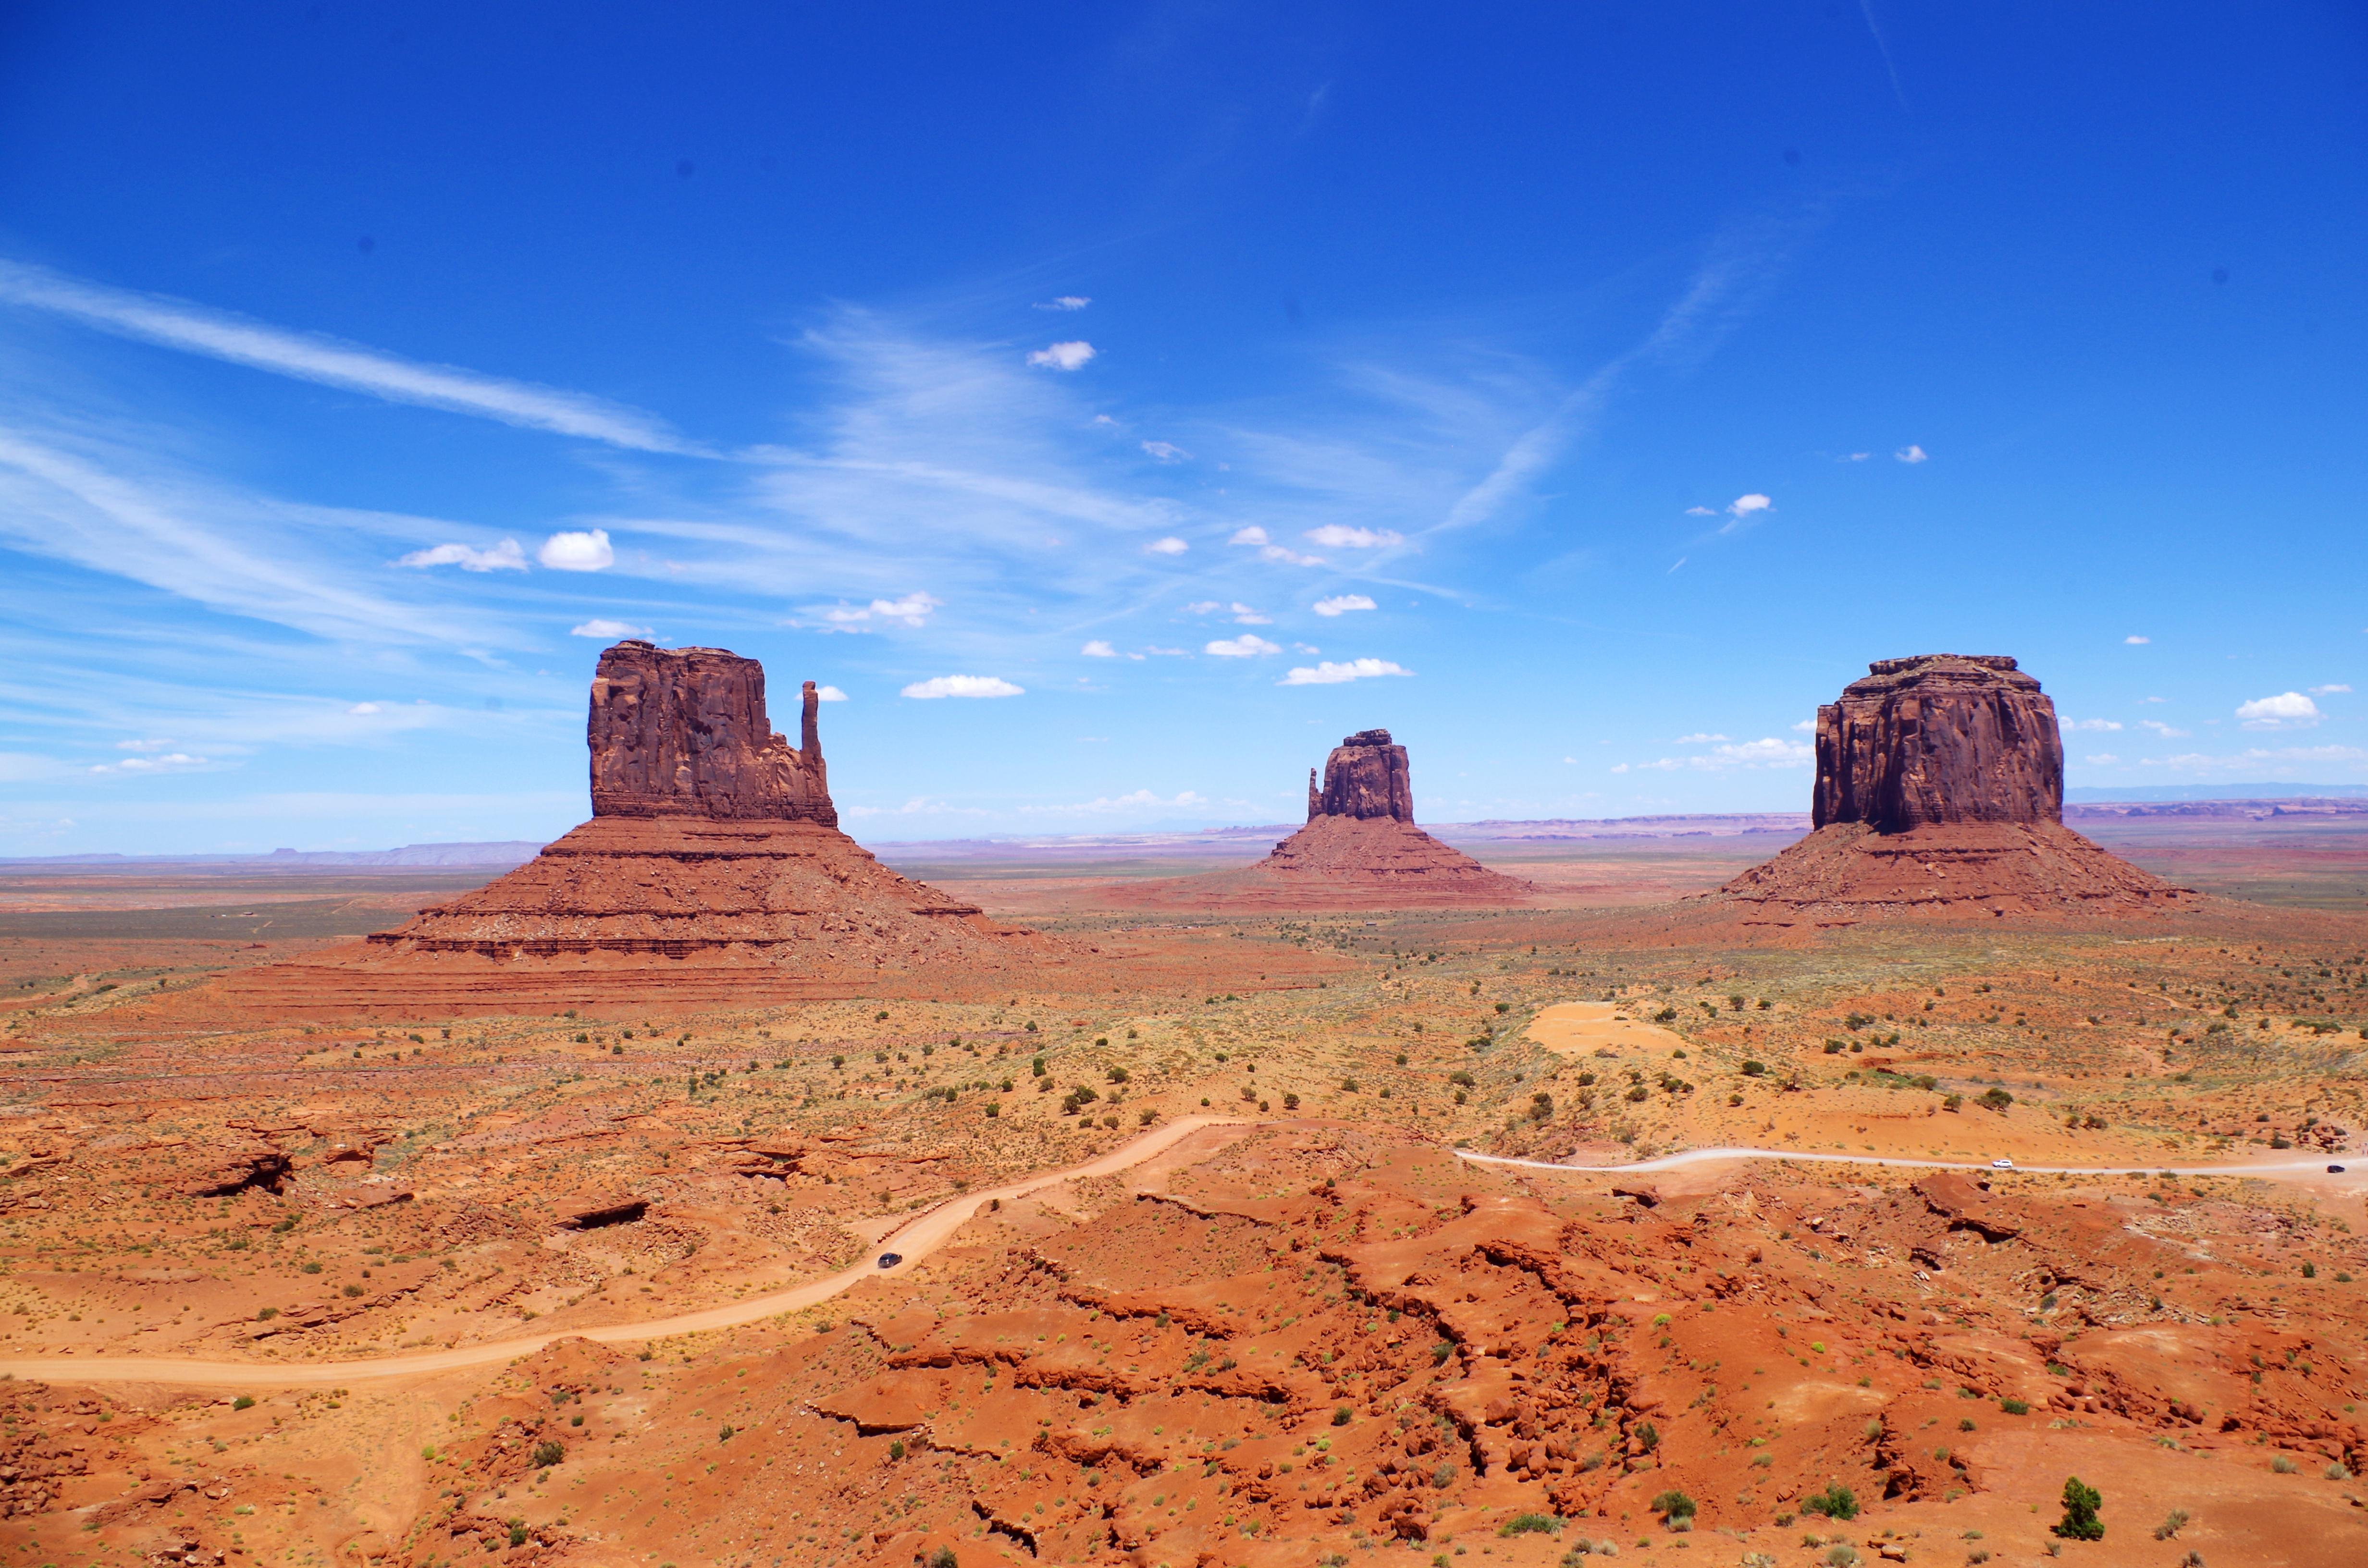 Dieser tolle Blick eröffnet sich Euch direkt vom Visitor Center am Monument Valley